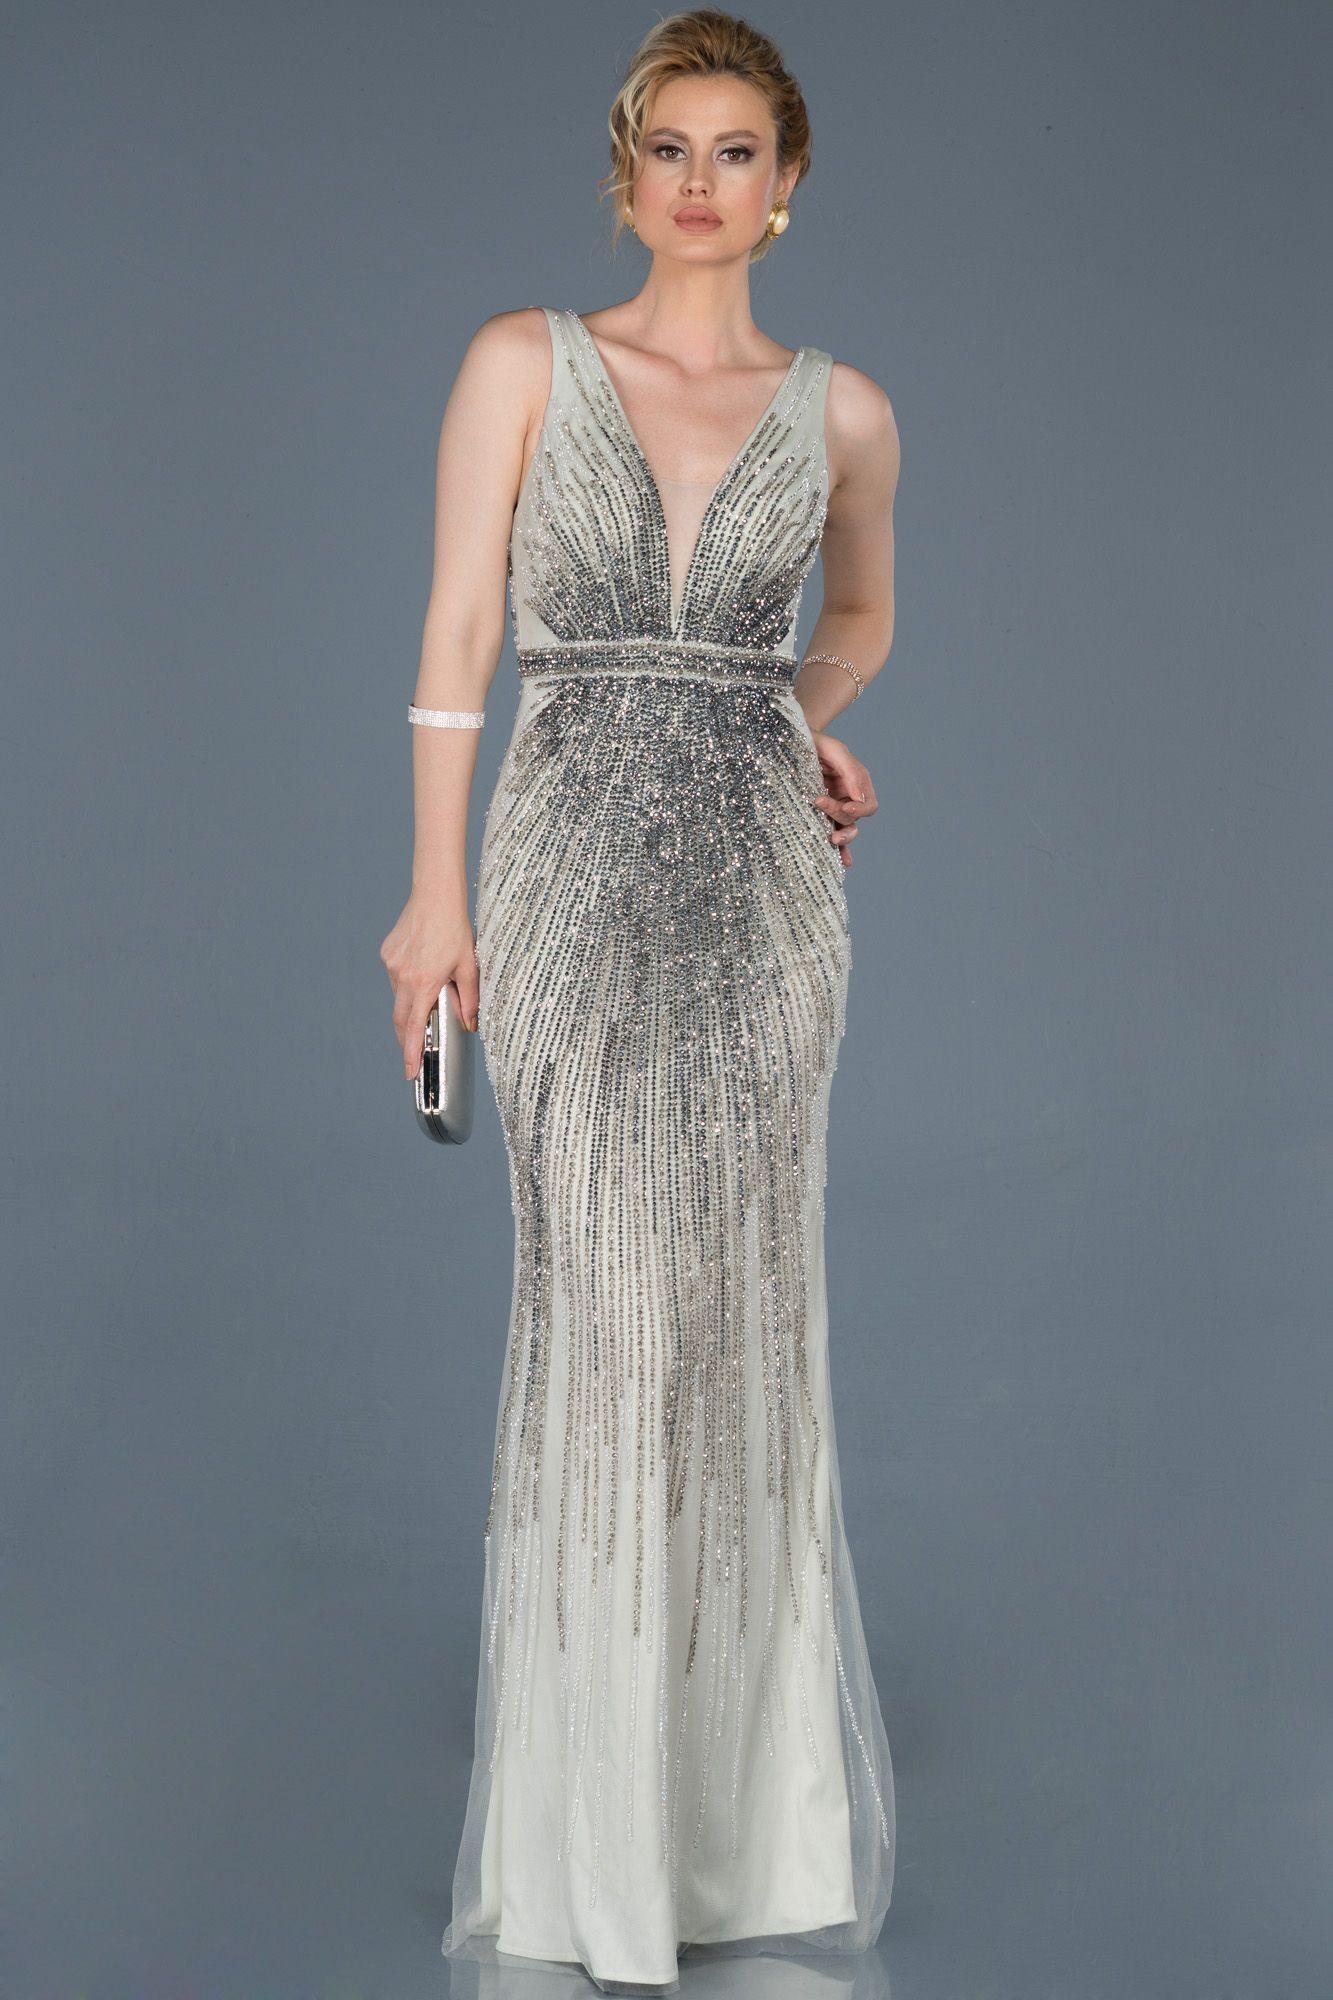 Gri Sirt Dekolteli Tasli Ozel Tasarim Abiye Abu802 2020 Elbise Modelleri Elbise The Dress